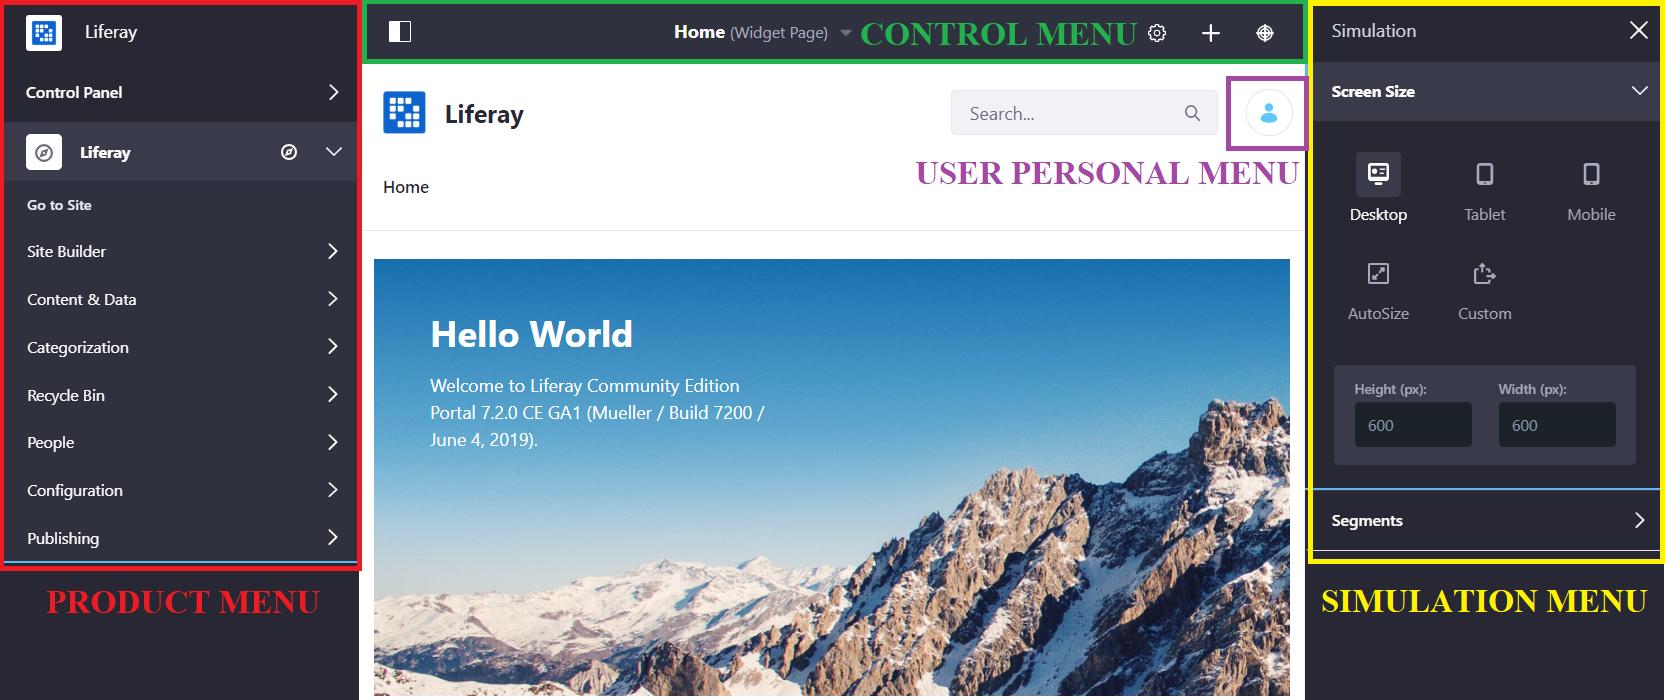 Figure 1: The main product navigation menus include the Product Menu, Control Menu, Simulation Menu and User Personal Menu.